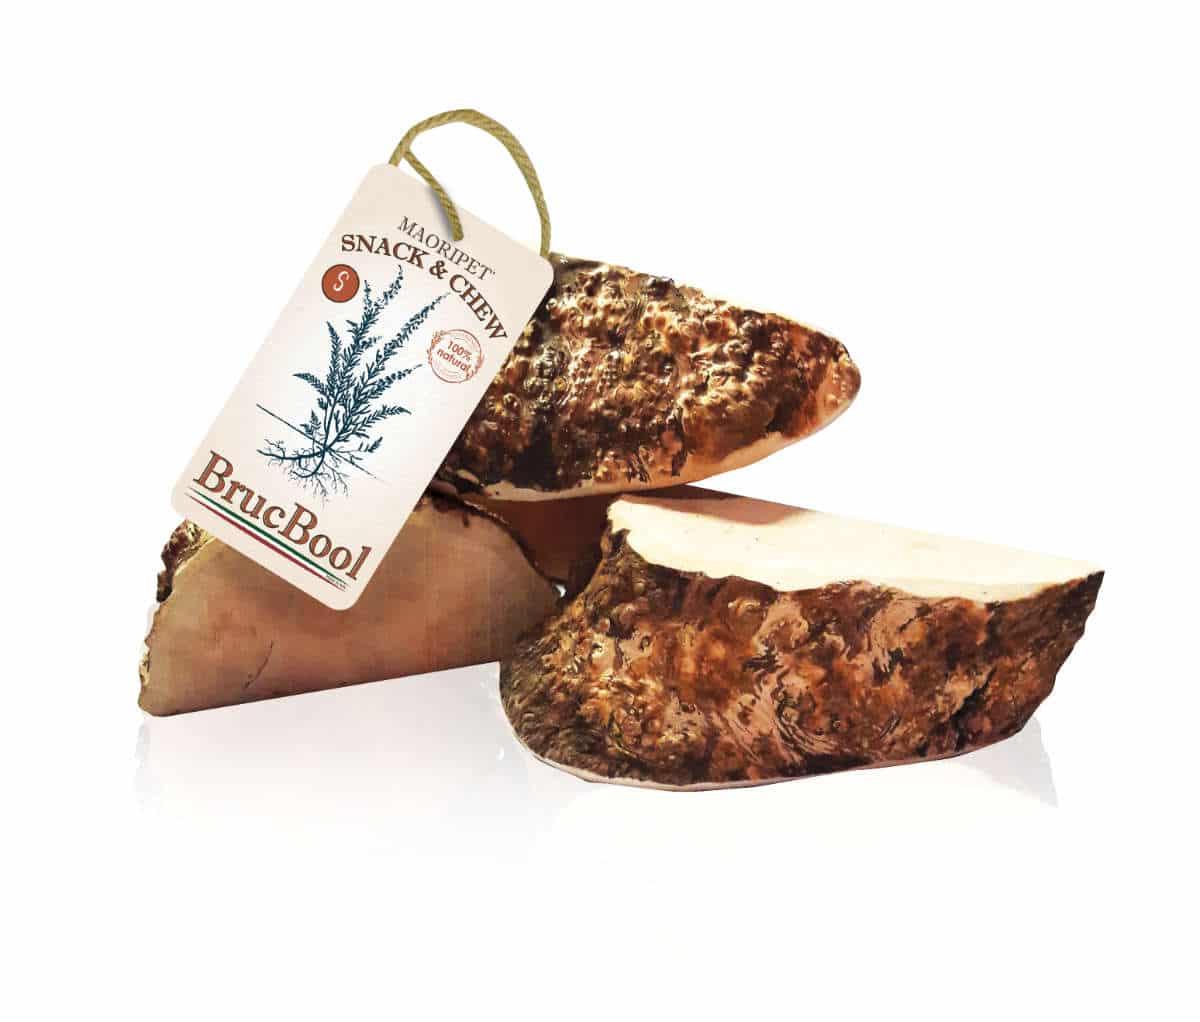 BrucBool: l'alternativa 100% italiana ai masticativi tradizionali